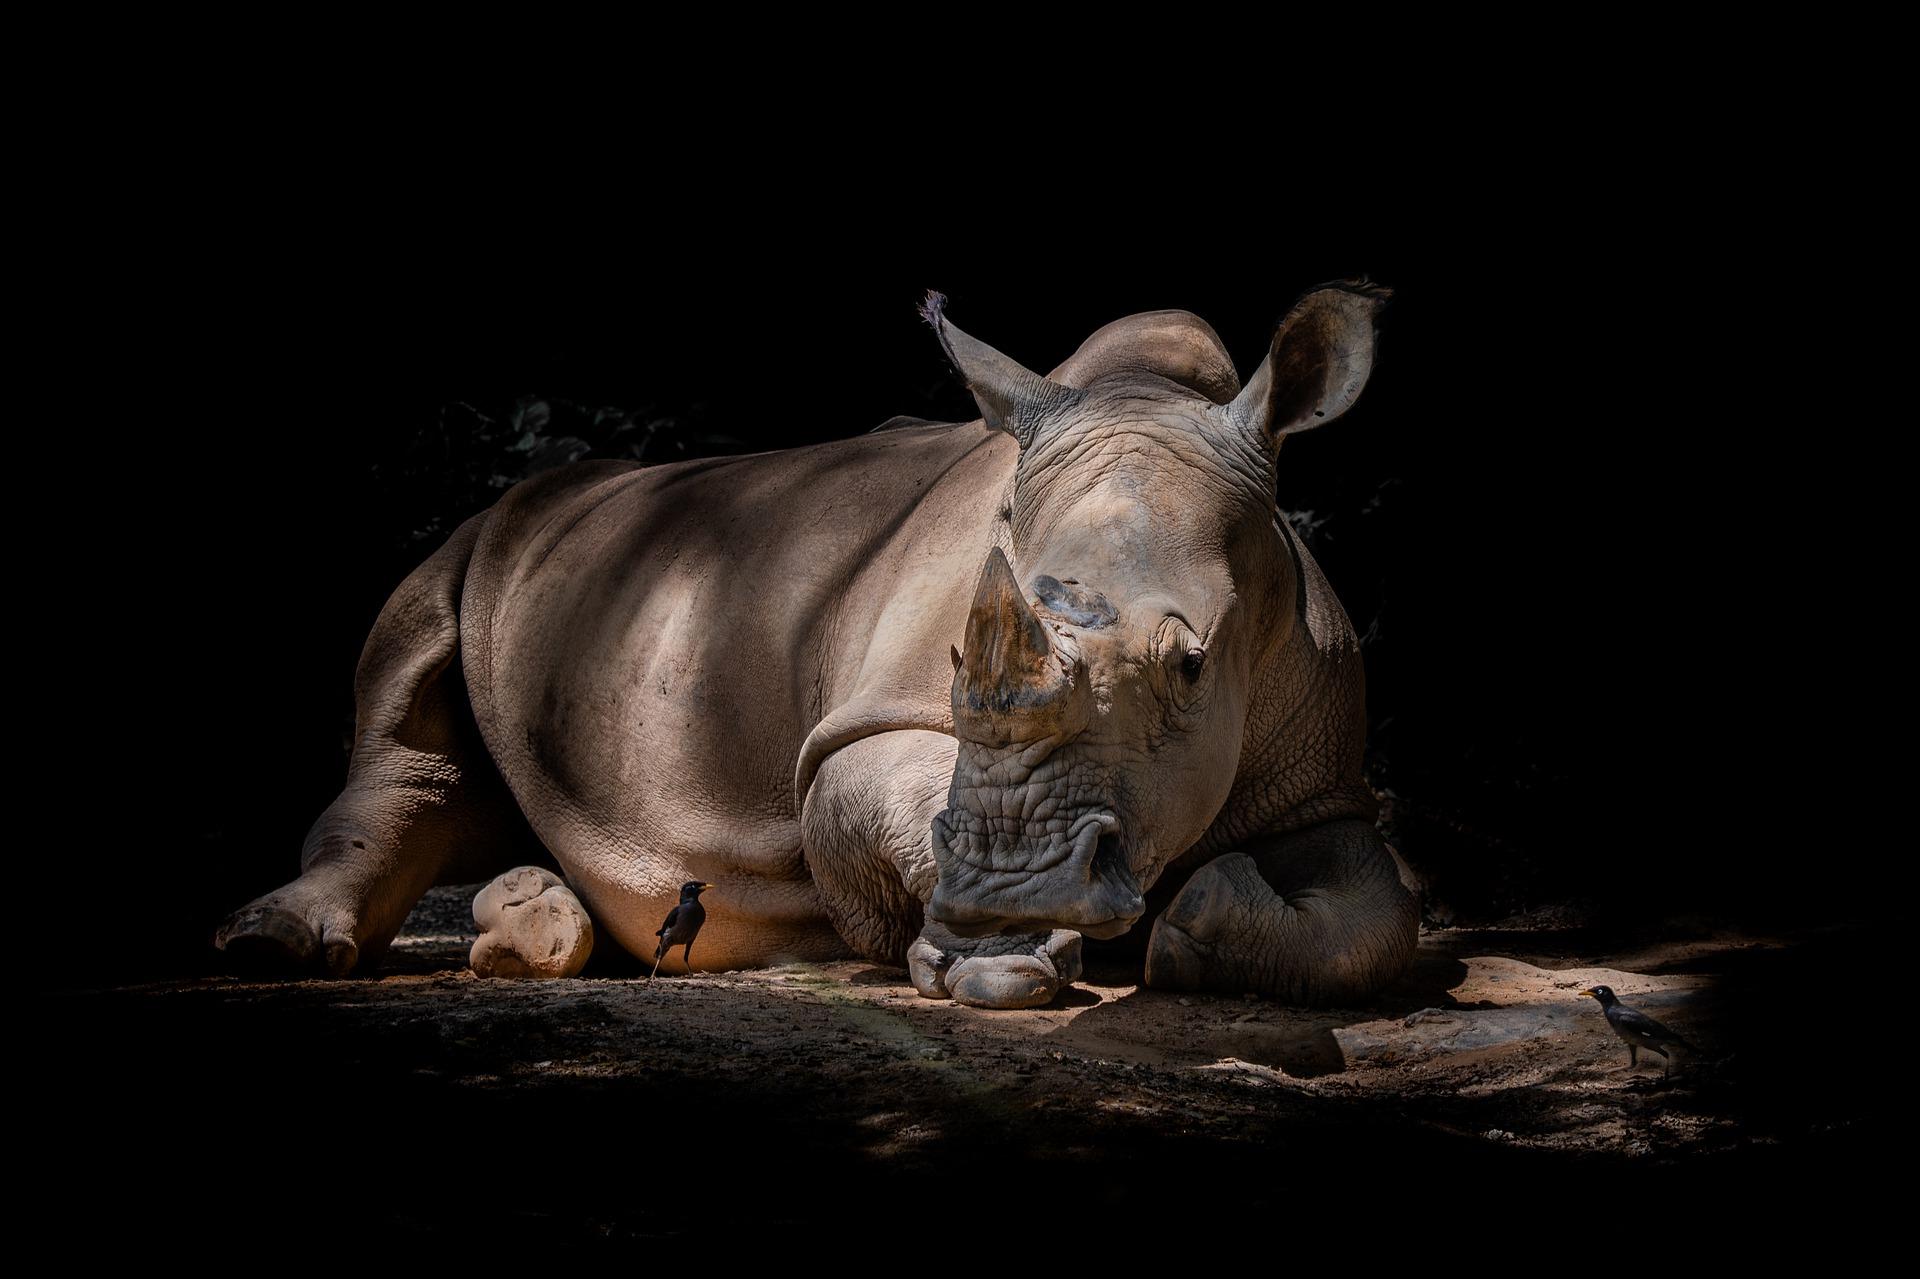 Nashorn - rhino